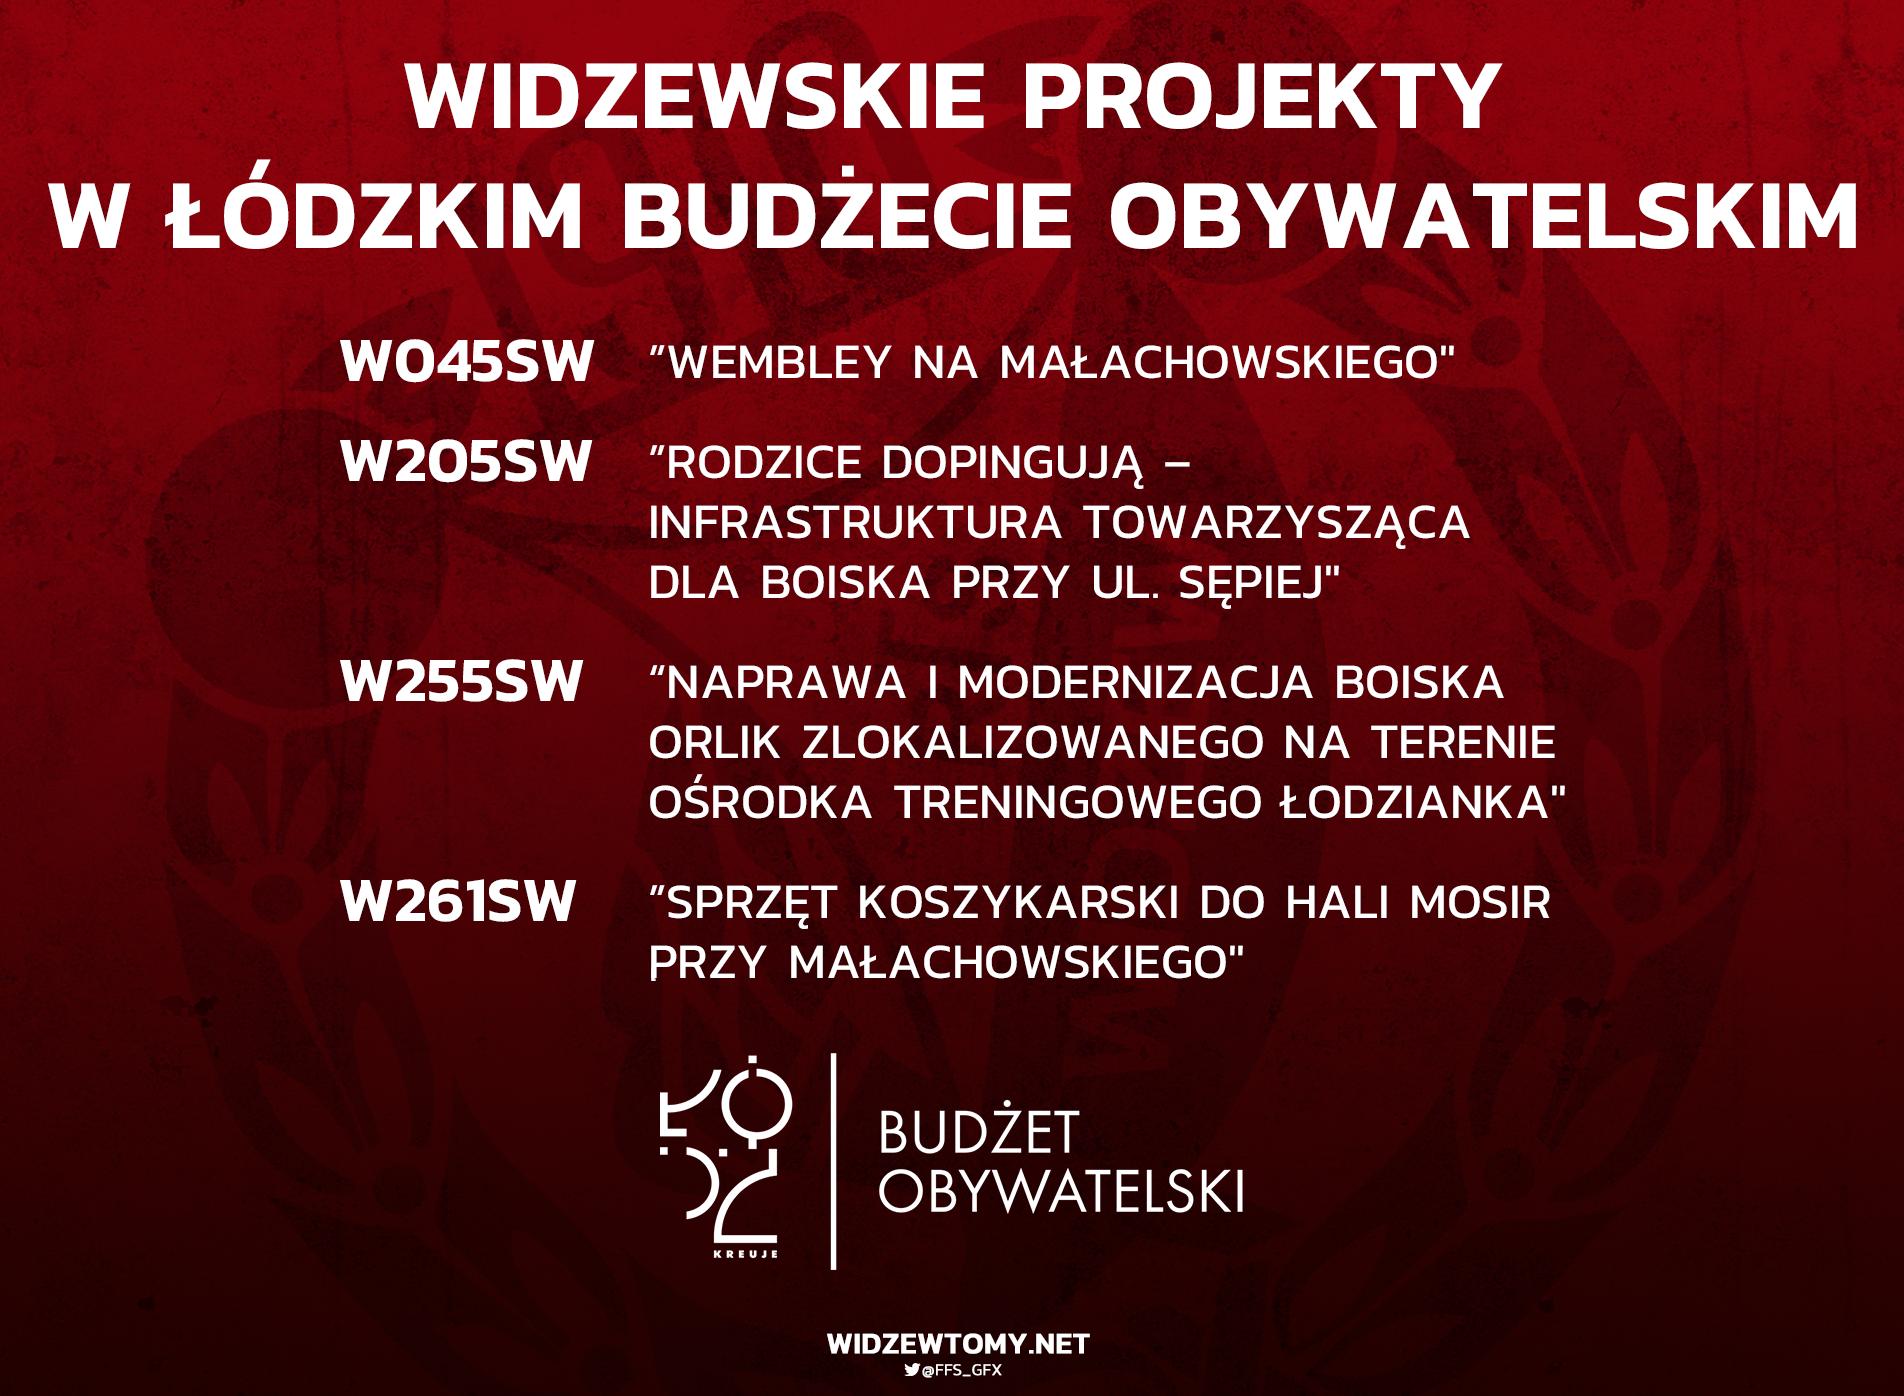 Cztery widzewskie projekty w Łódzkim Budżecie Obywatelskim